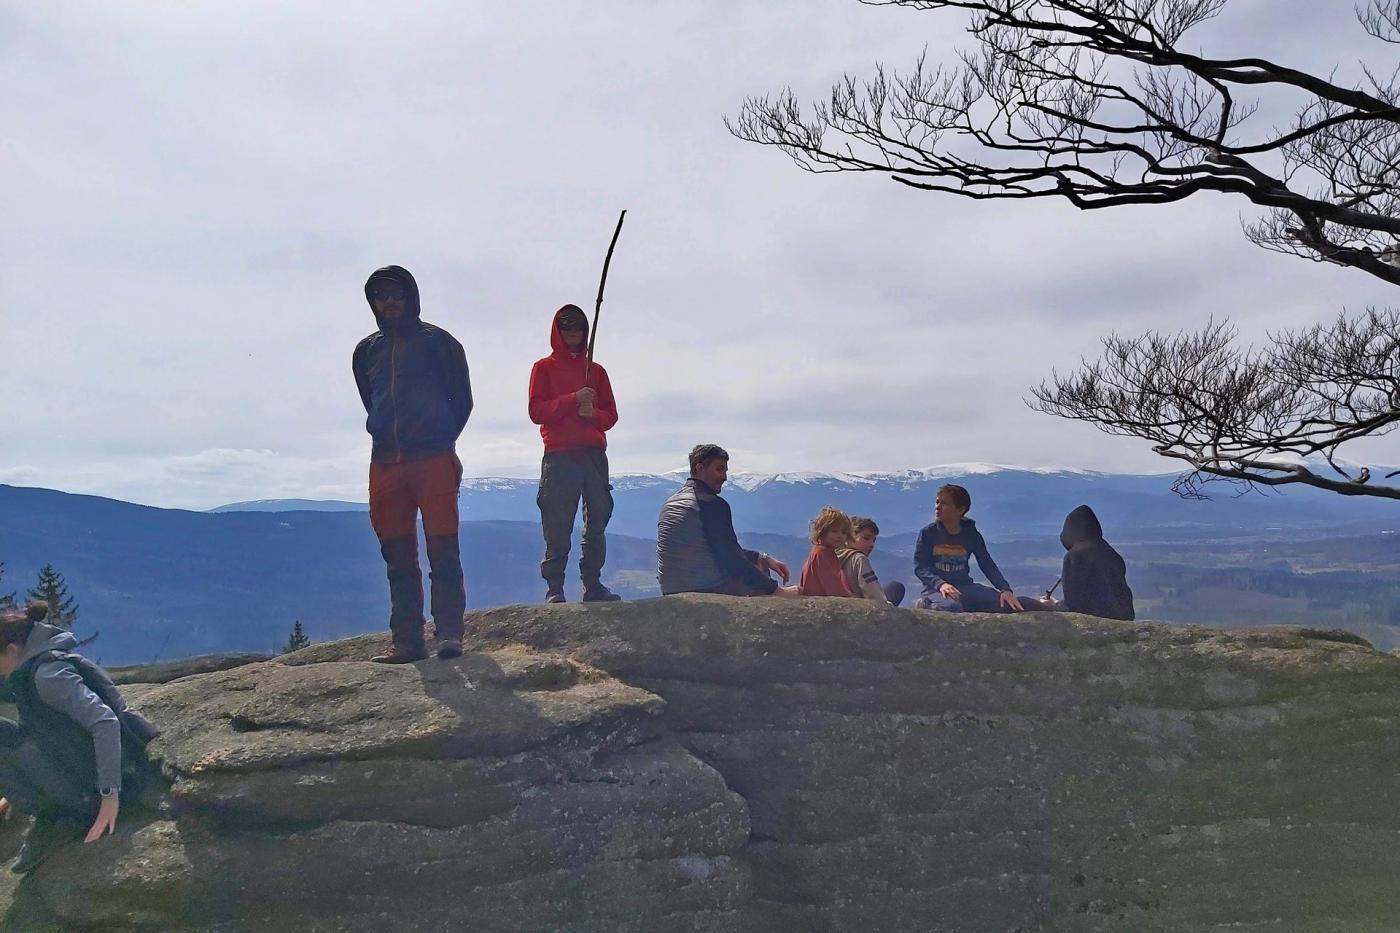 Gdzie pochodzić po górach  – Starościńskie skały. Widok na Karkonosze. Dzieci w górach.